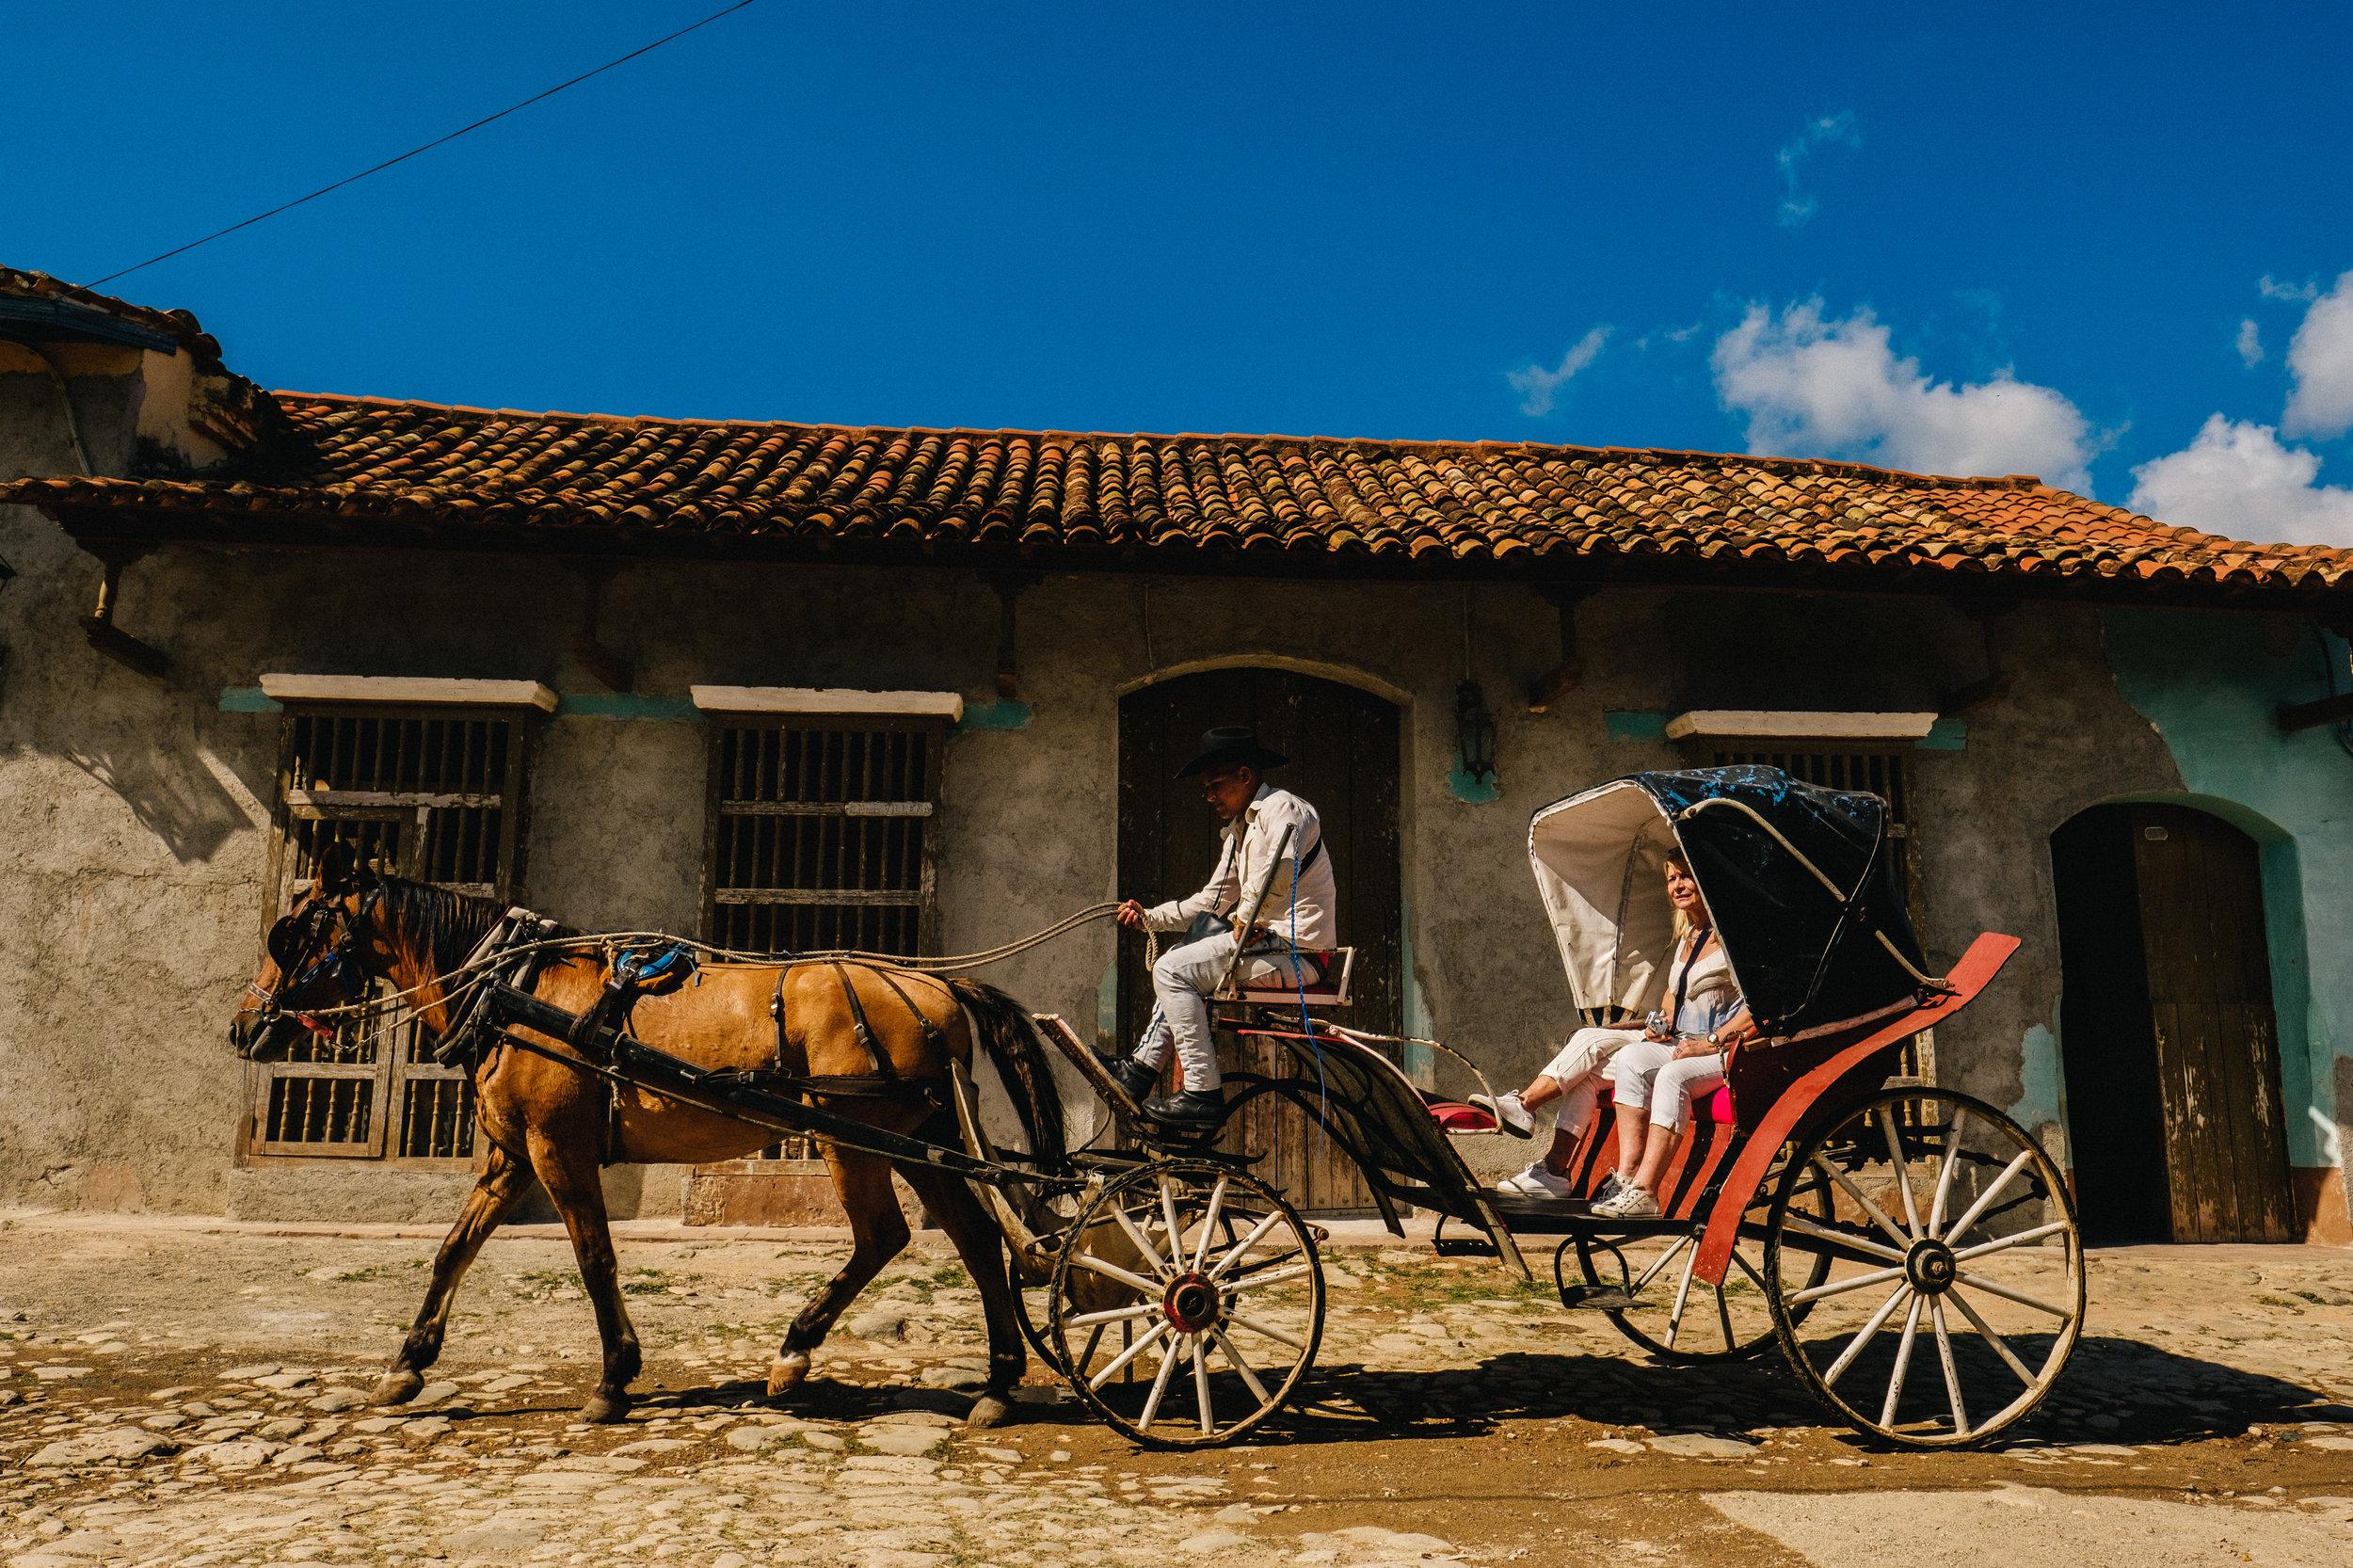 Cuba2019-378.jpg